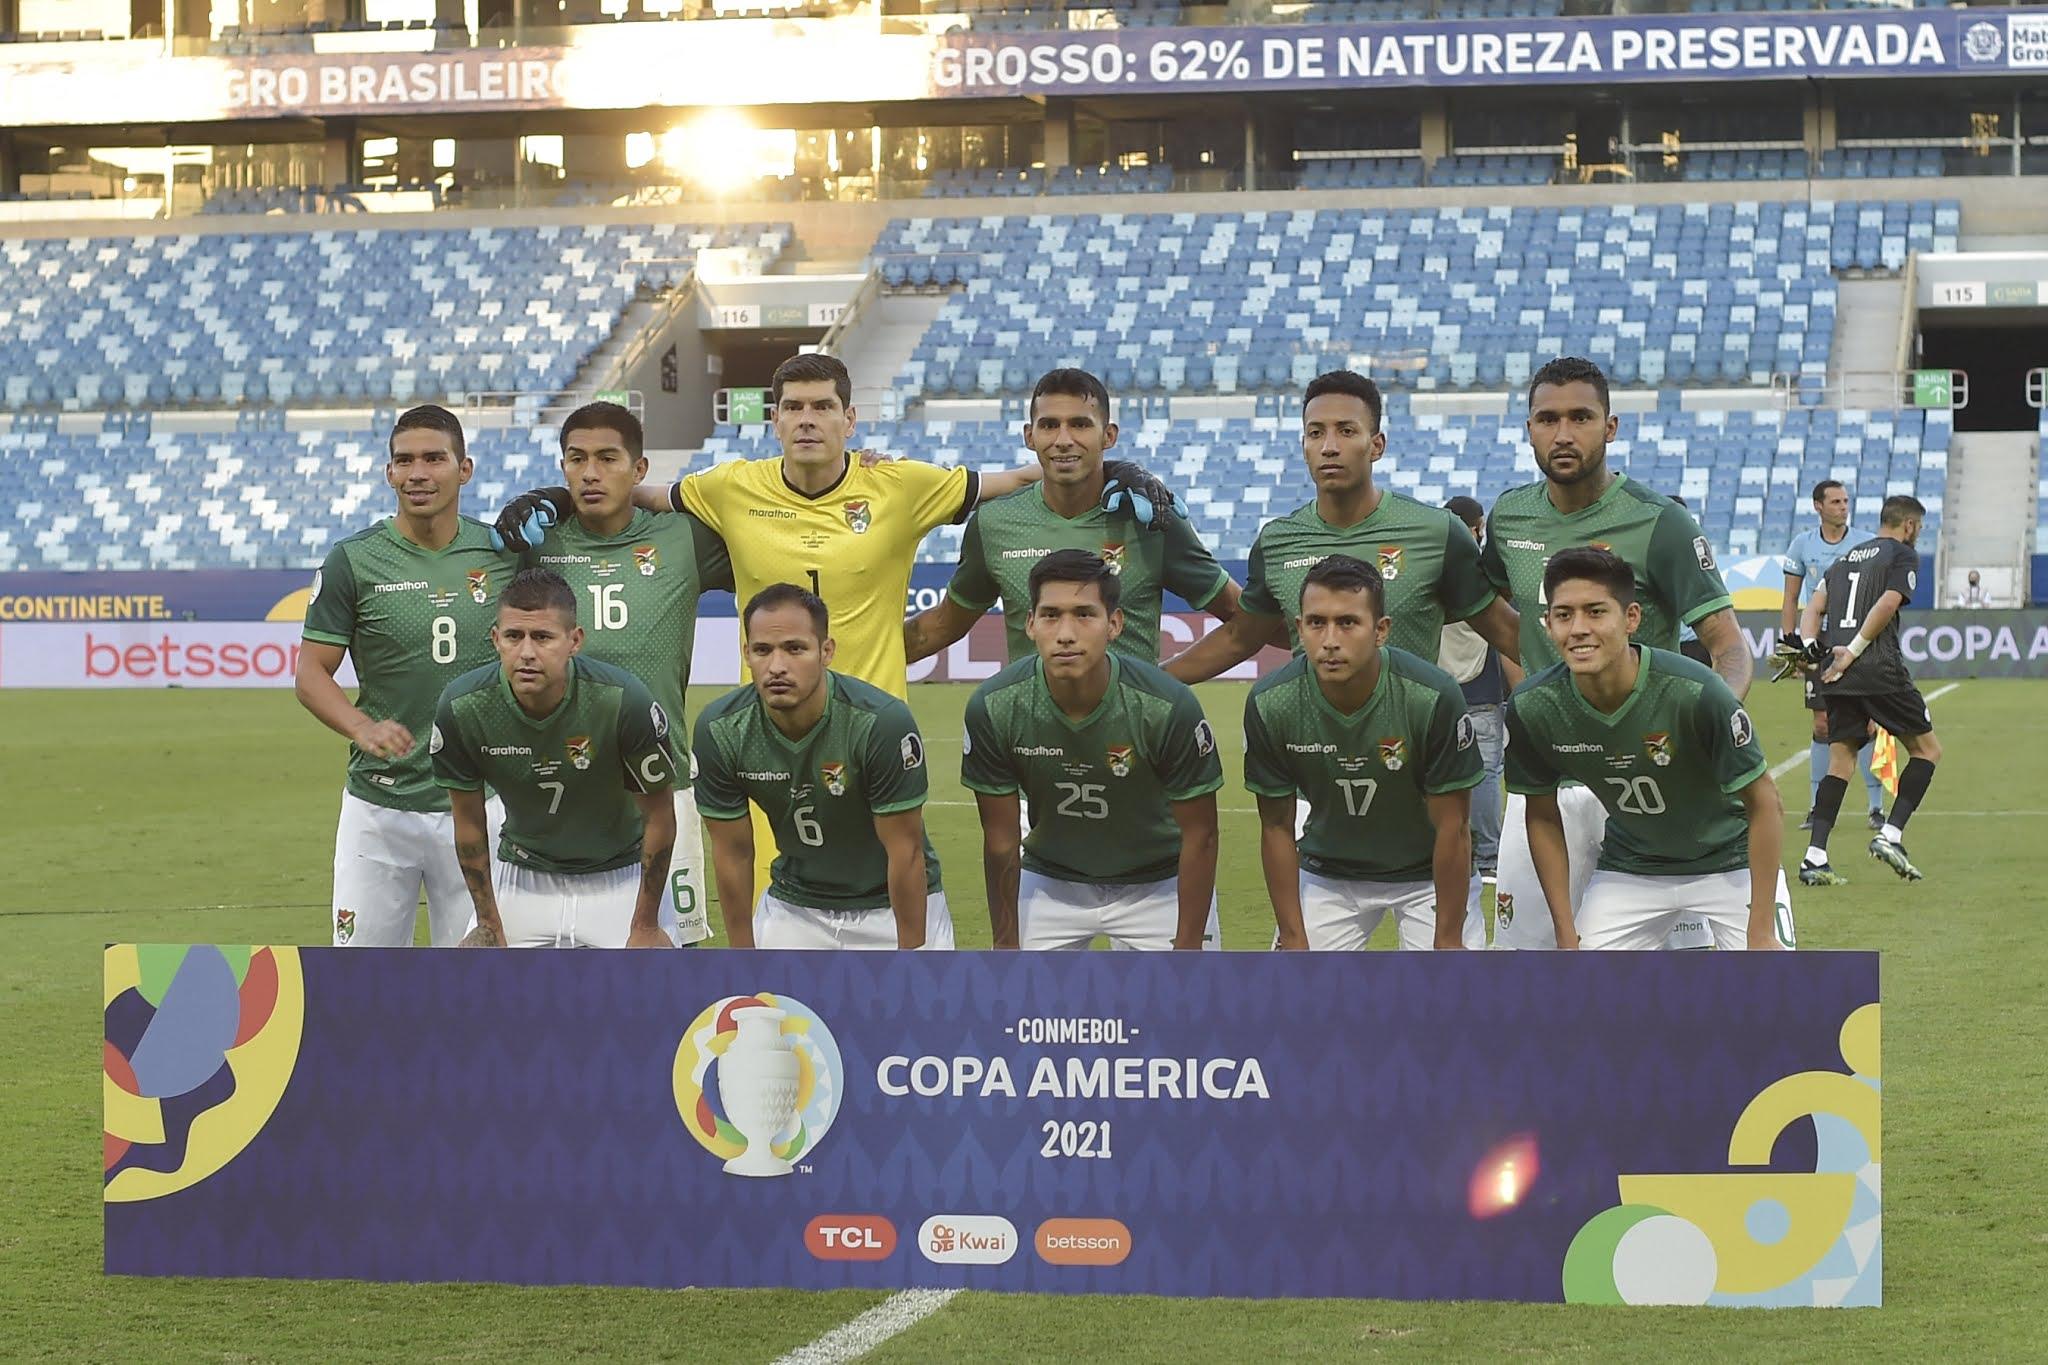 Formación de Bolivia ante Chile, Copa América 2021, 18 de junio